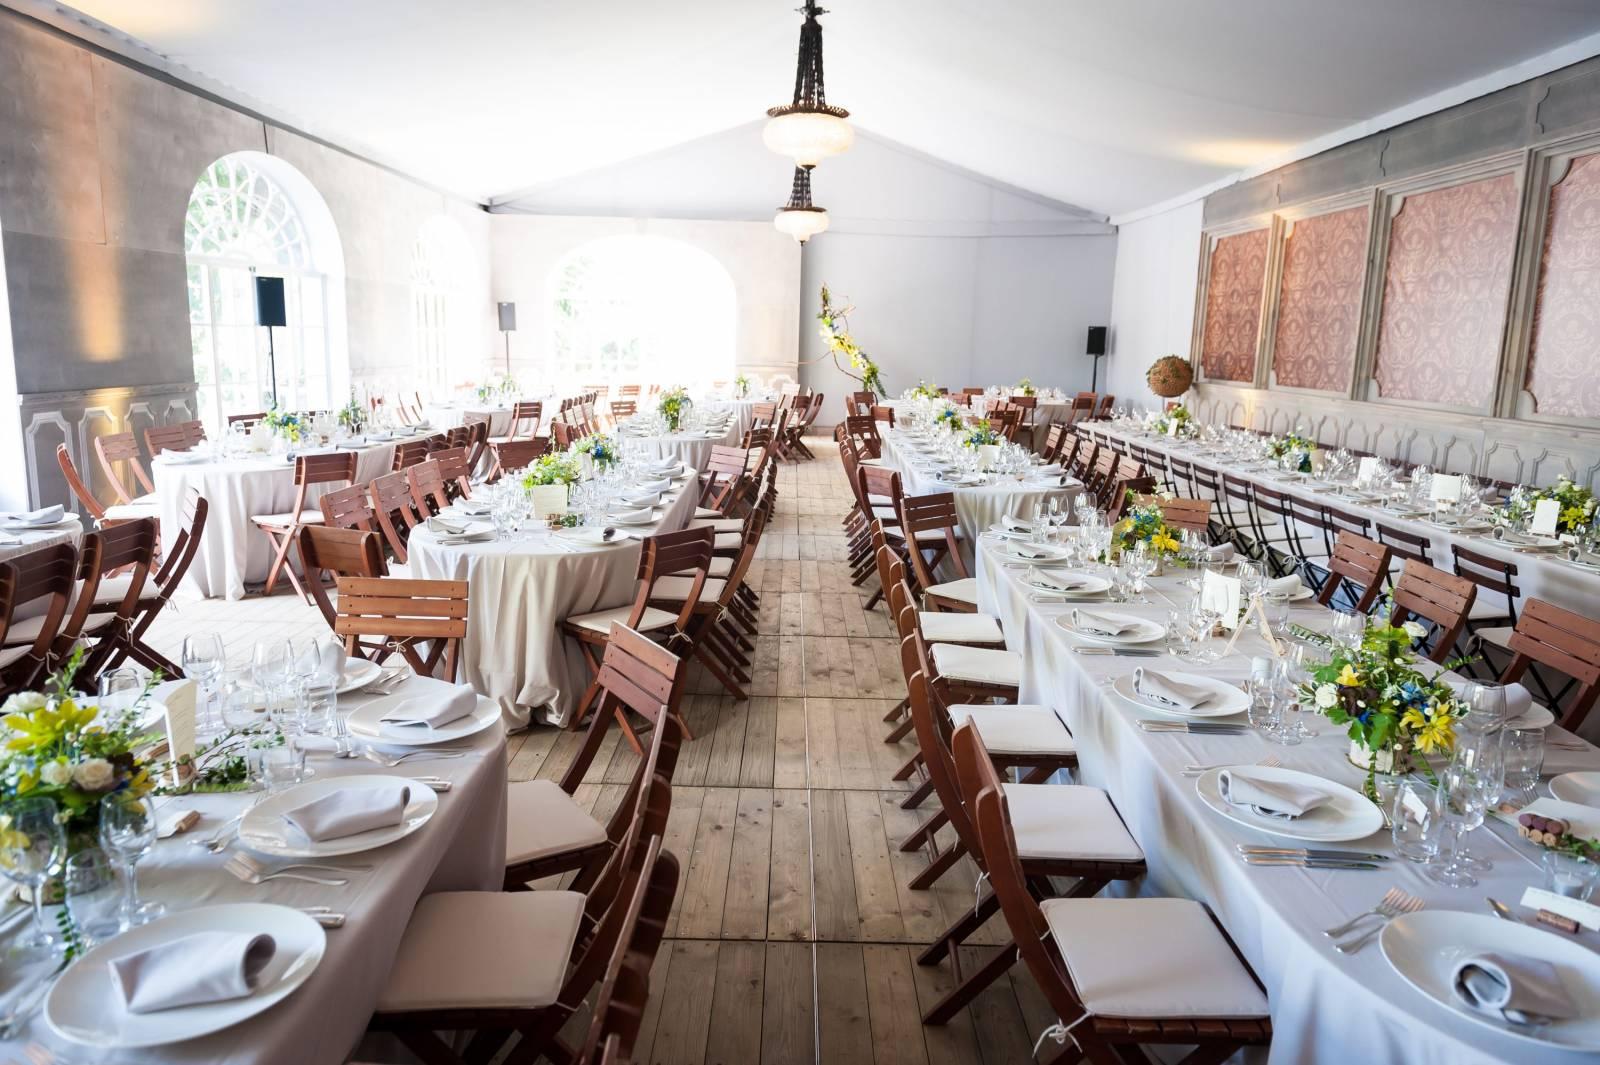 Kasteel van Leeuwergem - Feestzaal - House of Weddings  - 11